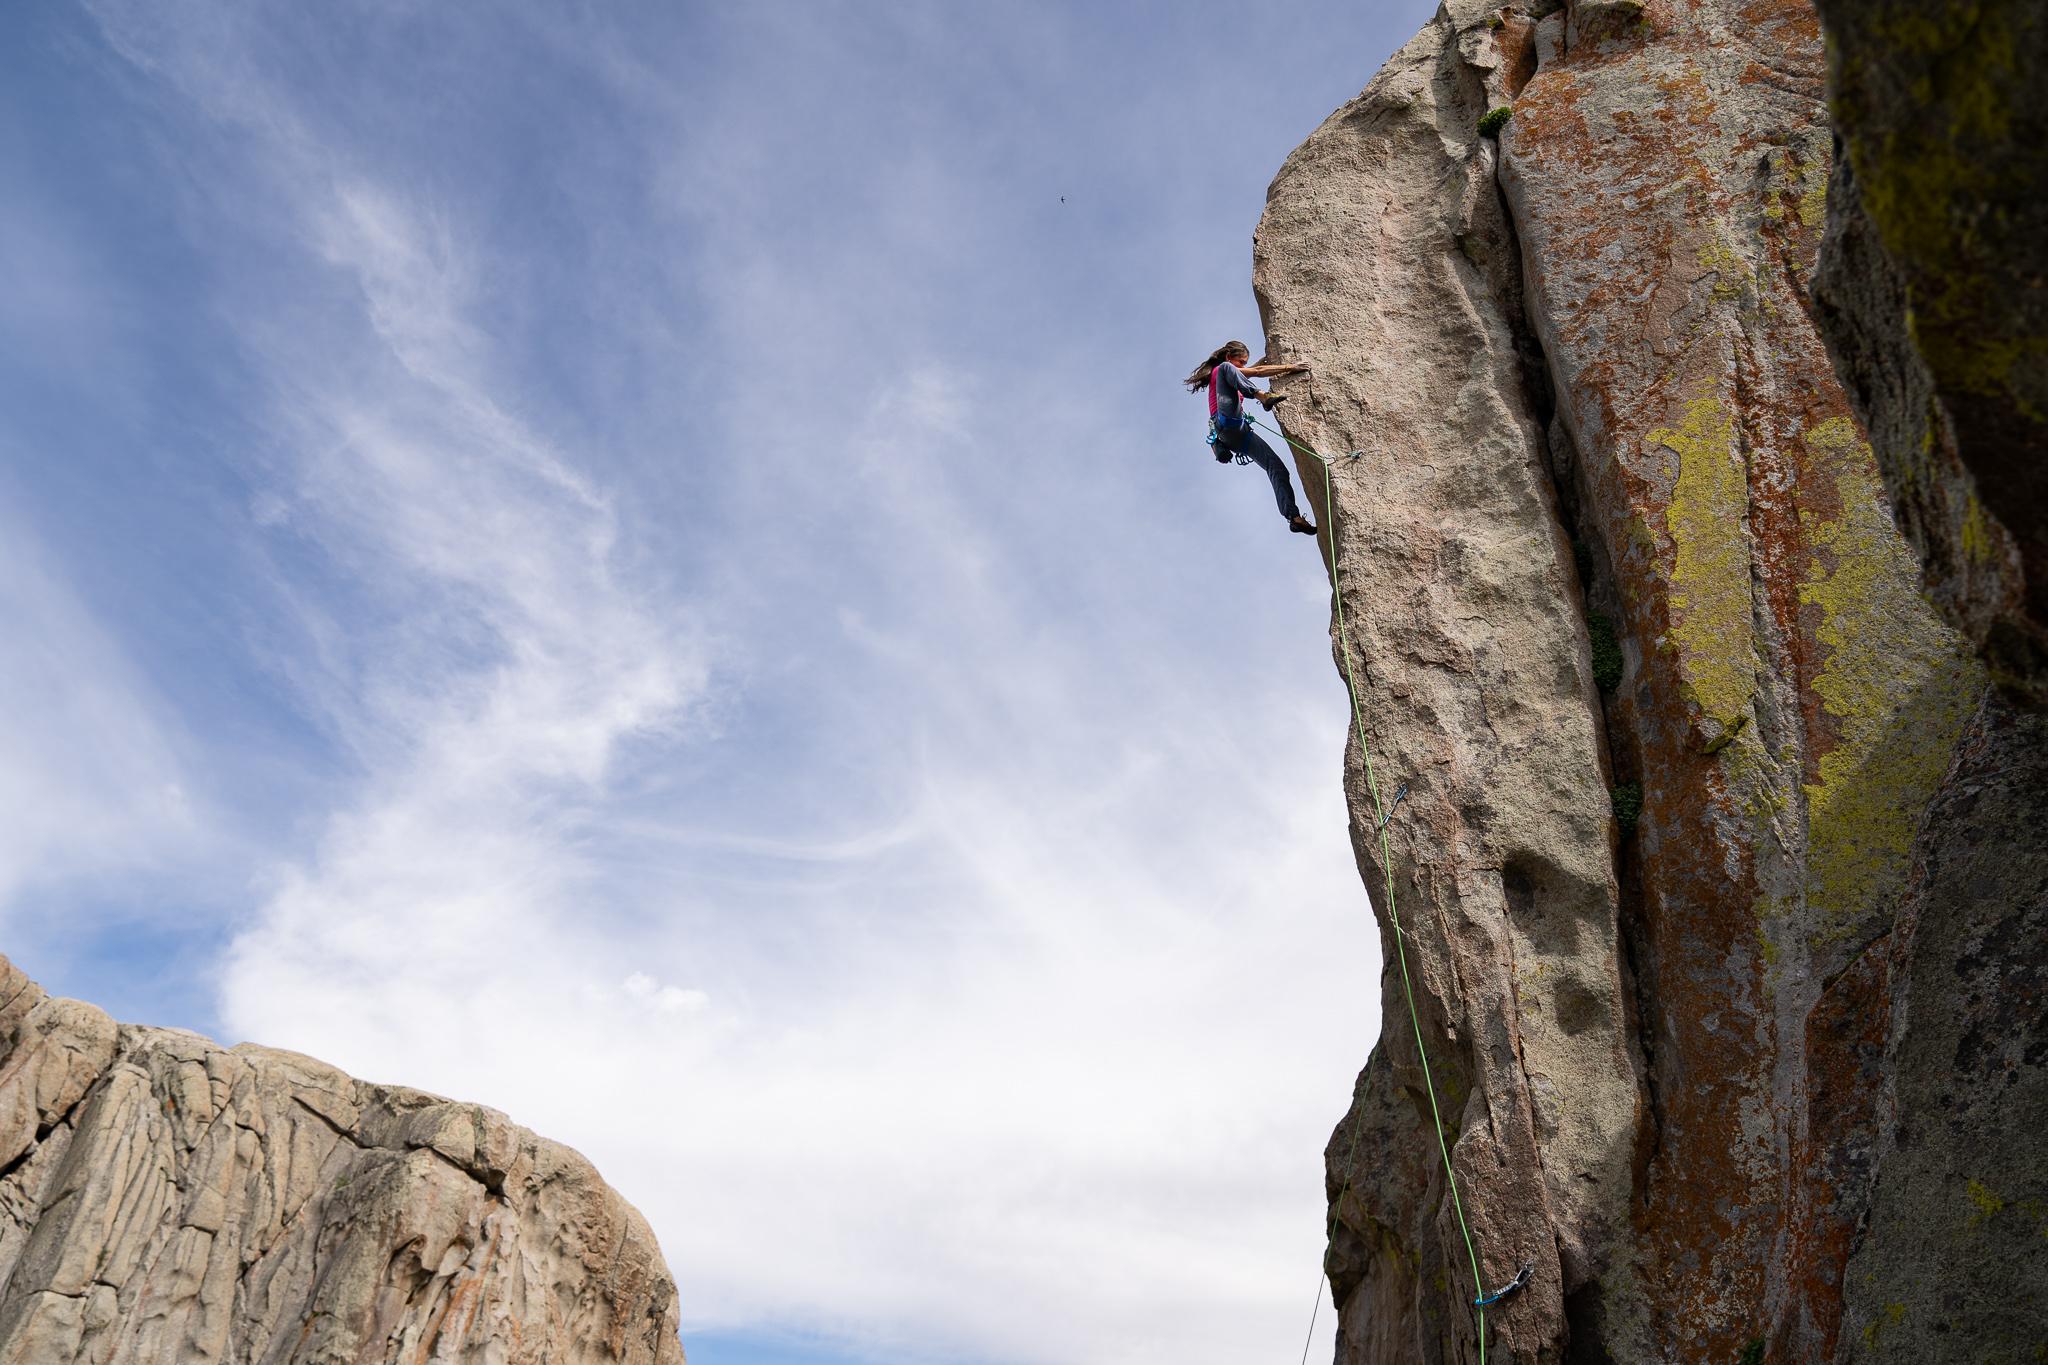 Rock Climbing City of Rocks Idaho